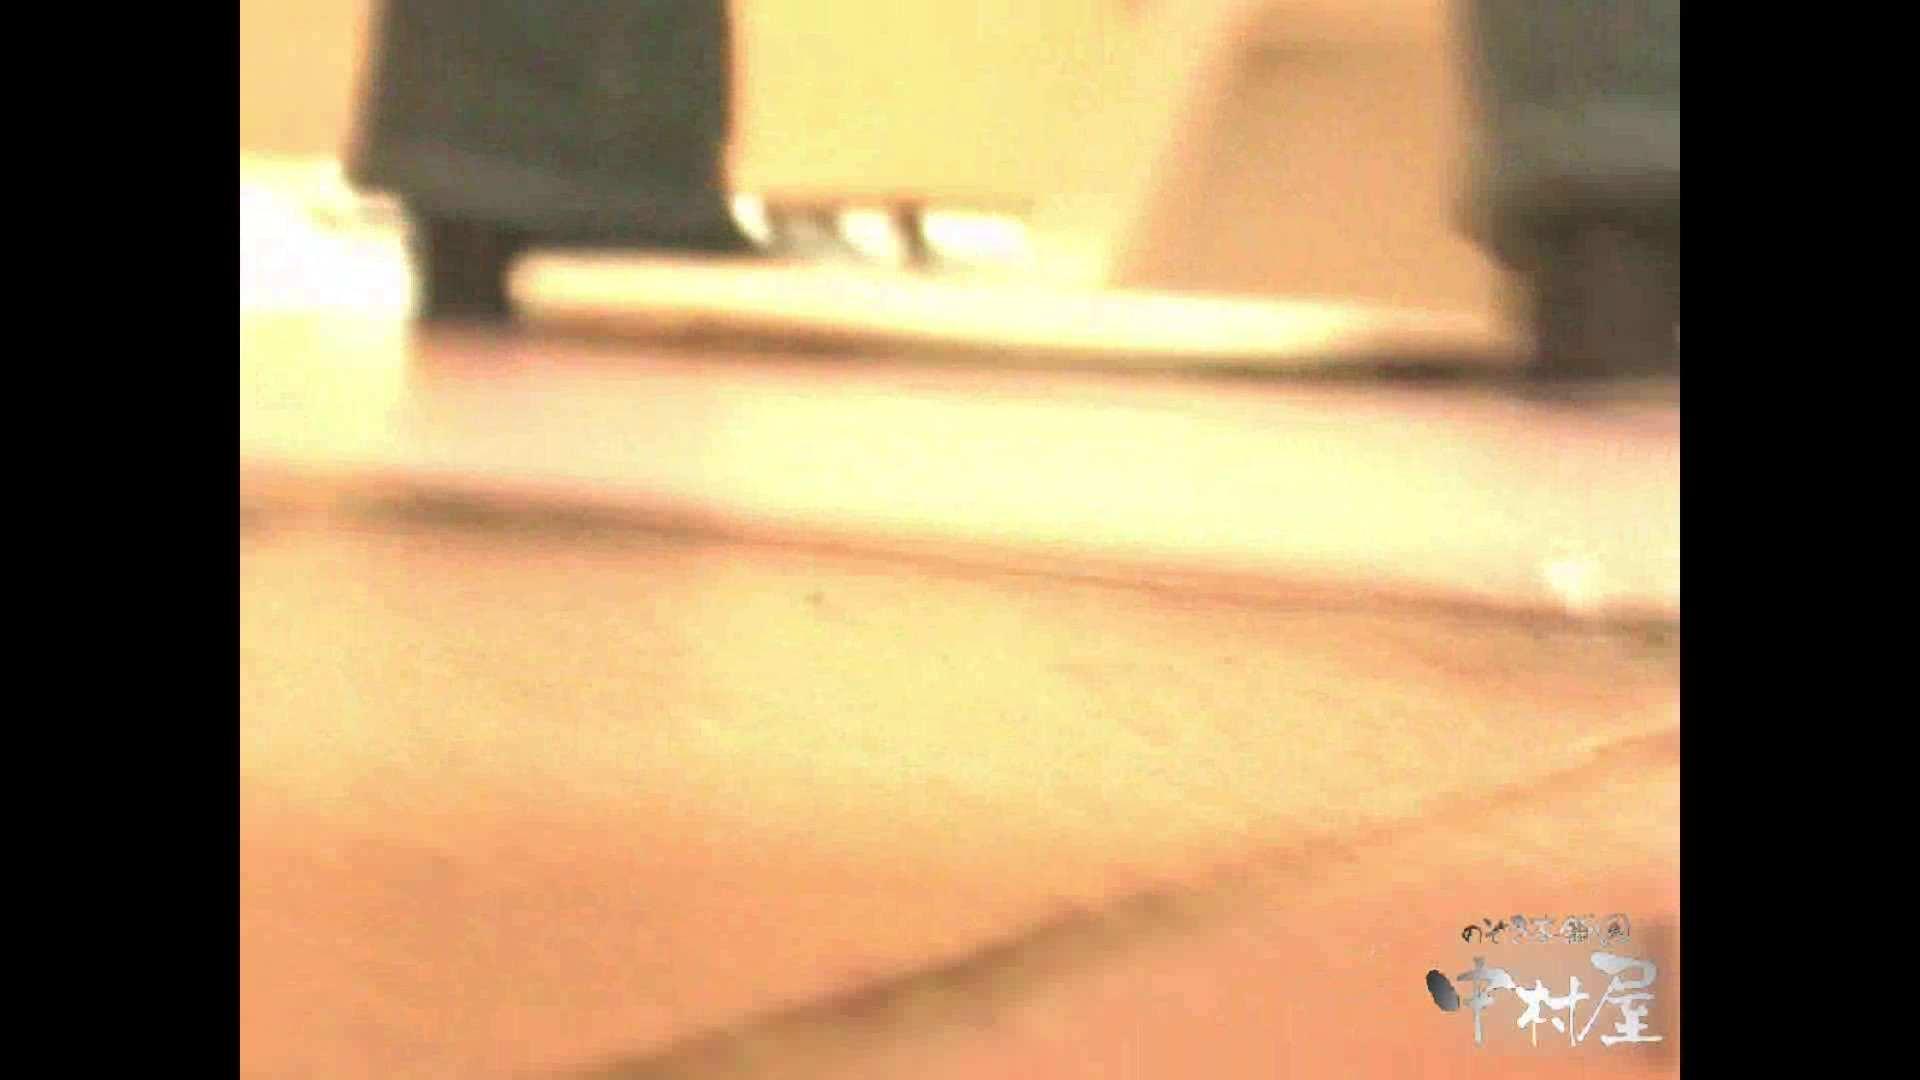 岩手県在住盗撮師盗撮記録vol.01 マンコバッチリ オマンコ無修正動画無料 12pic 12